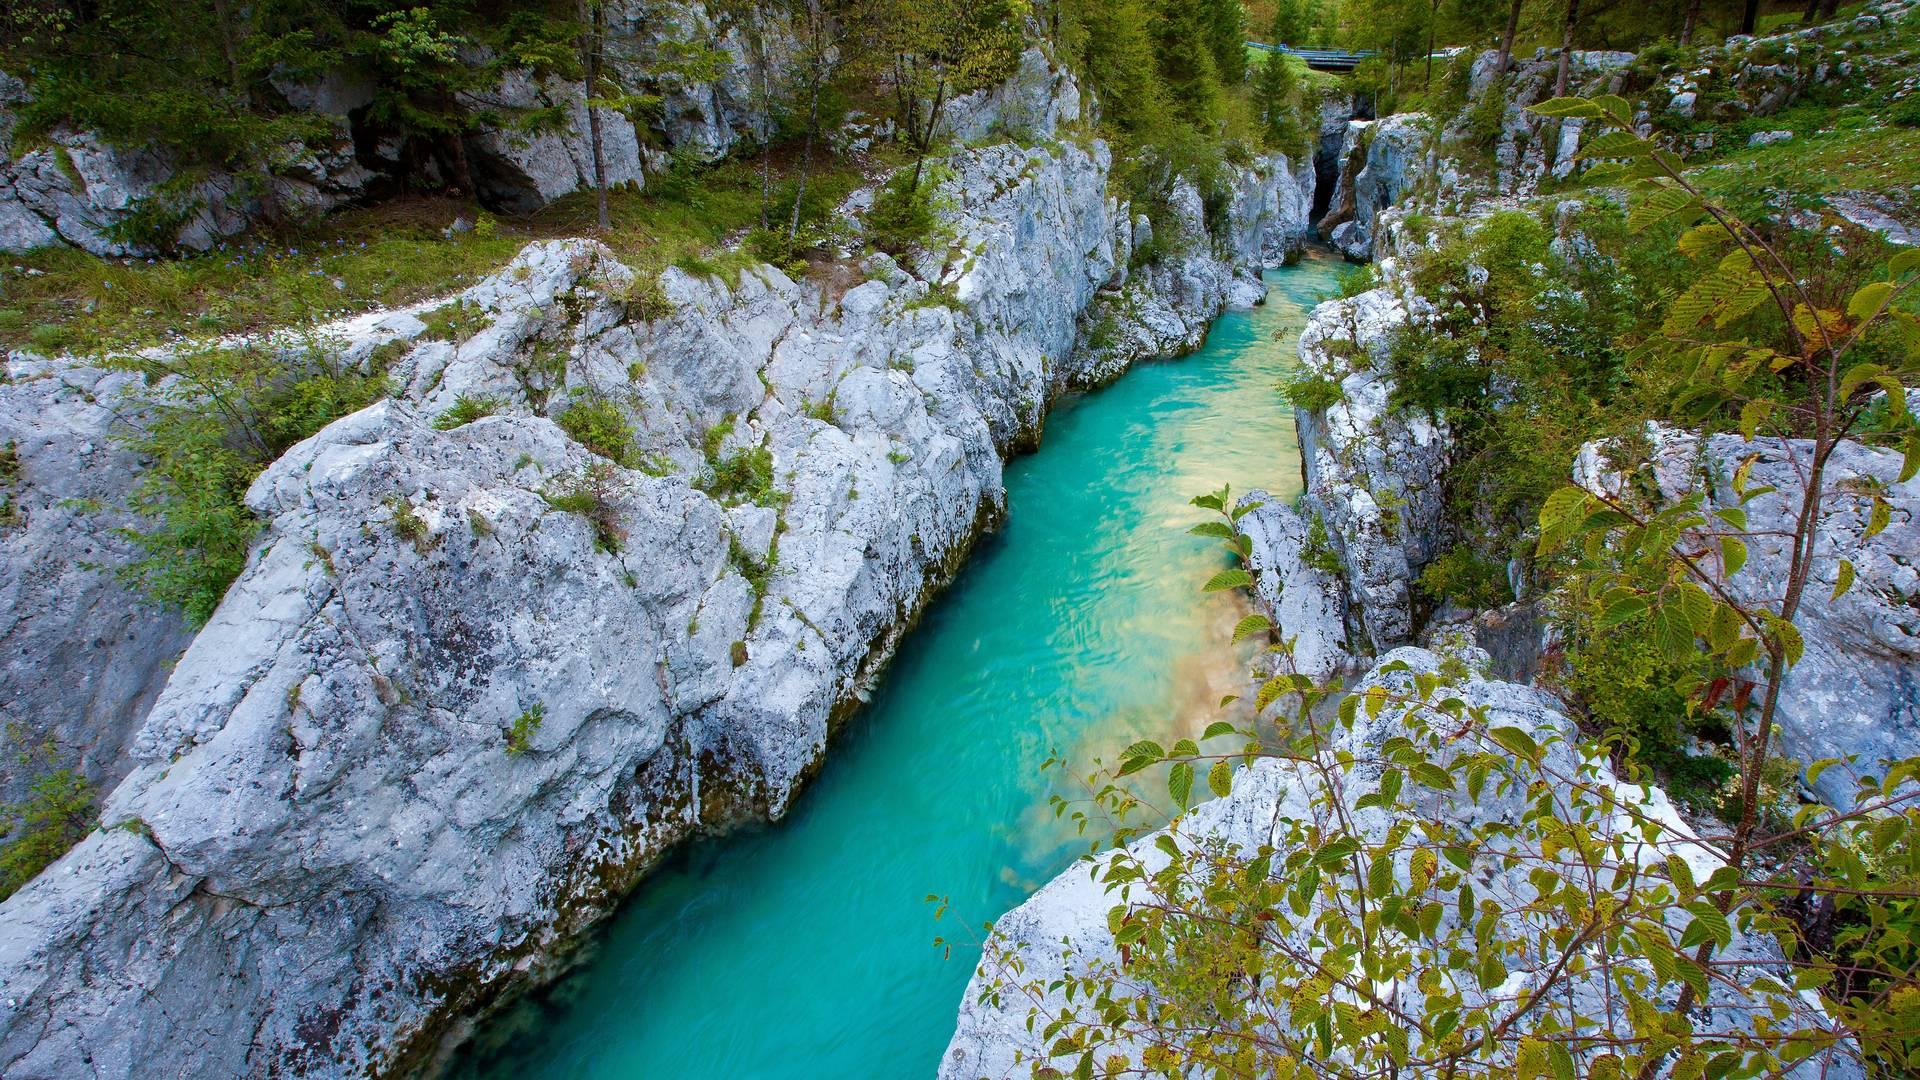 Große Soča Schlucht. Eine der schönsten natürlichen Sehenswürdigkeiten entlang des smaragdgrünen Soča-Flusses.